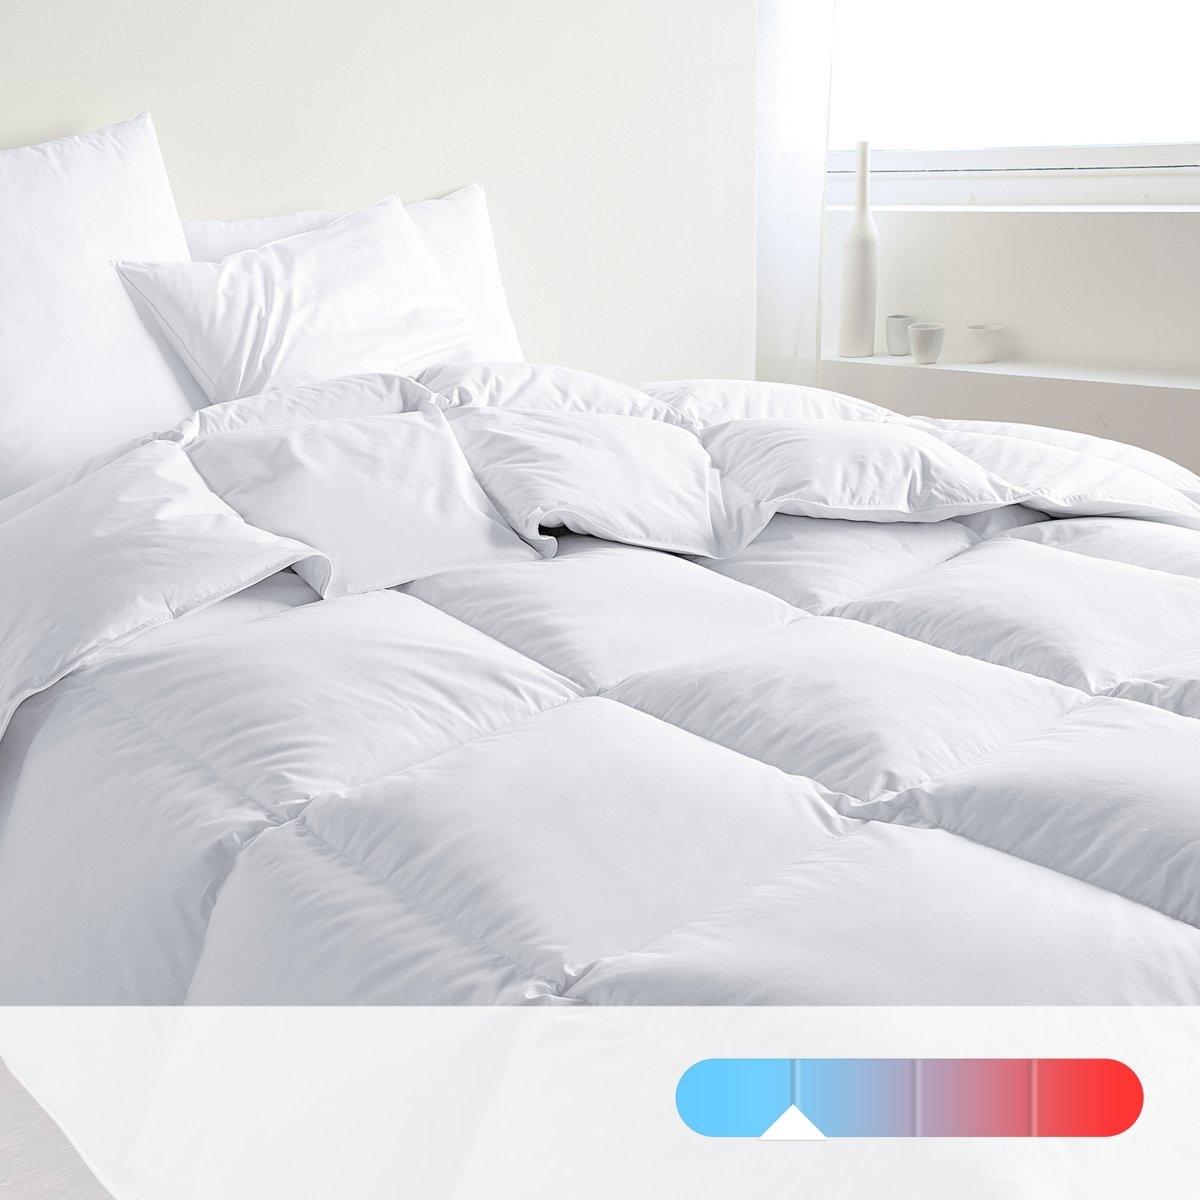 Одеяло 30% пуха 400 г/м2 с обработкой Proneem валик из латекса с обработкой proneem